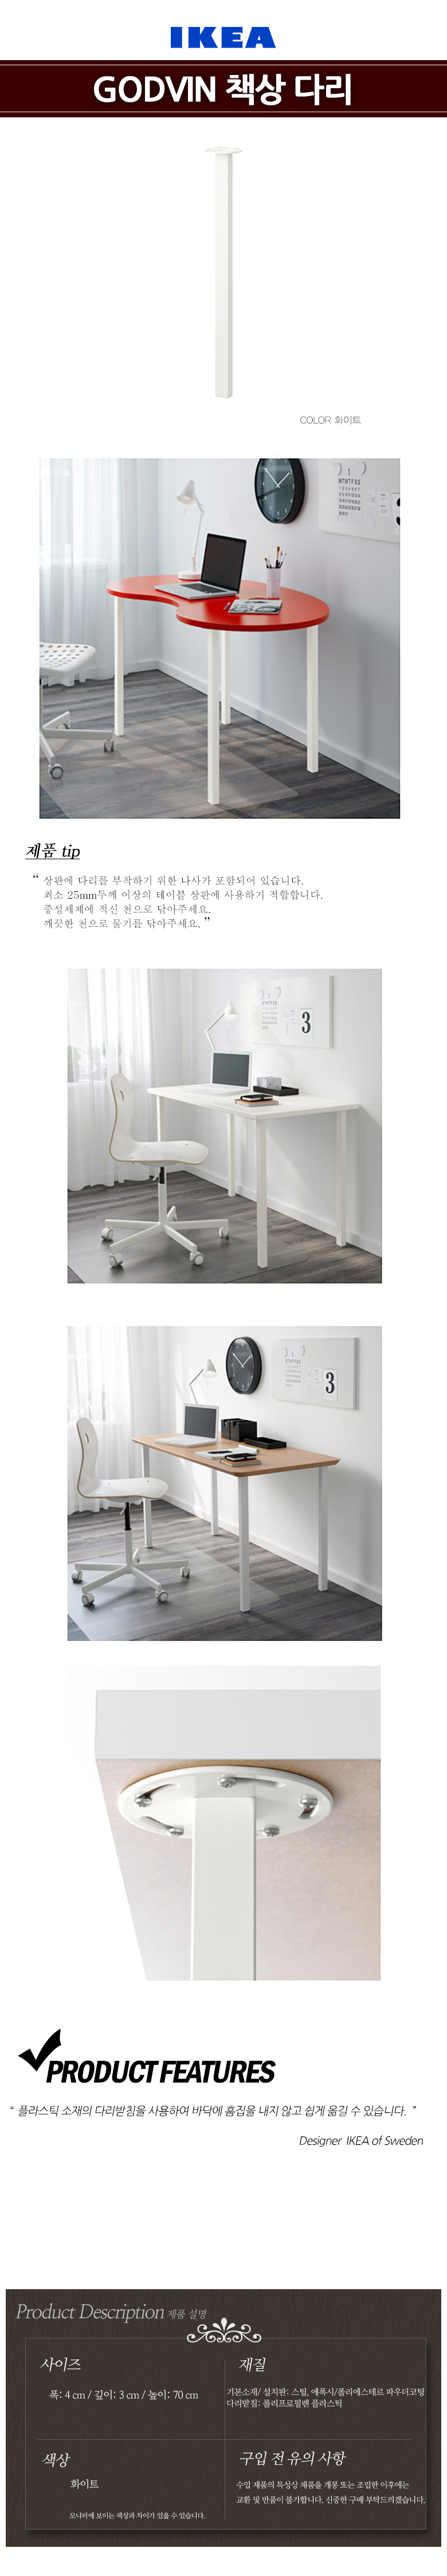 이케아 GODVIN 책상다리 - 이케아, 19,250원, DIY 책상/의자, DIY 책상/테이블